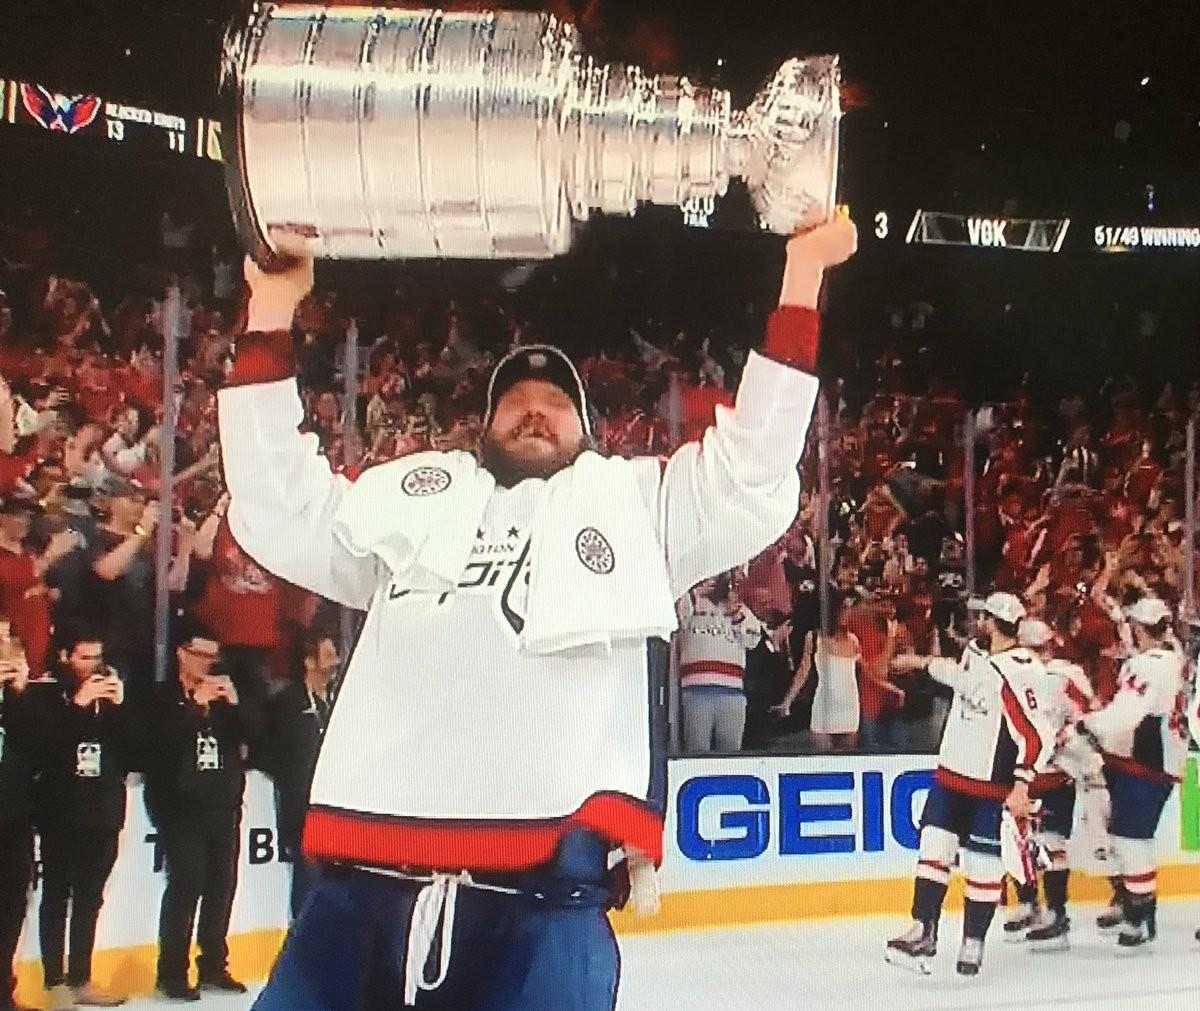 O capitão do Capitals com a taça da NHL enquanto seus colegas de equipe demonstram espanto com a celebração inesperada de uma torcedora (Foto: Reprodução)